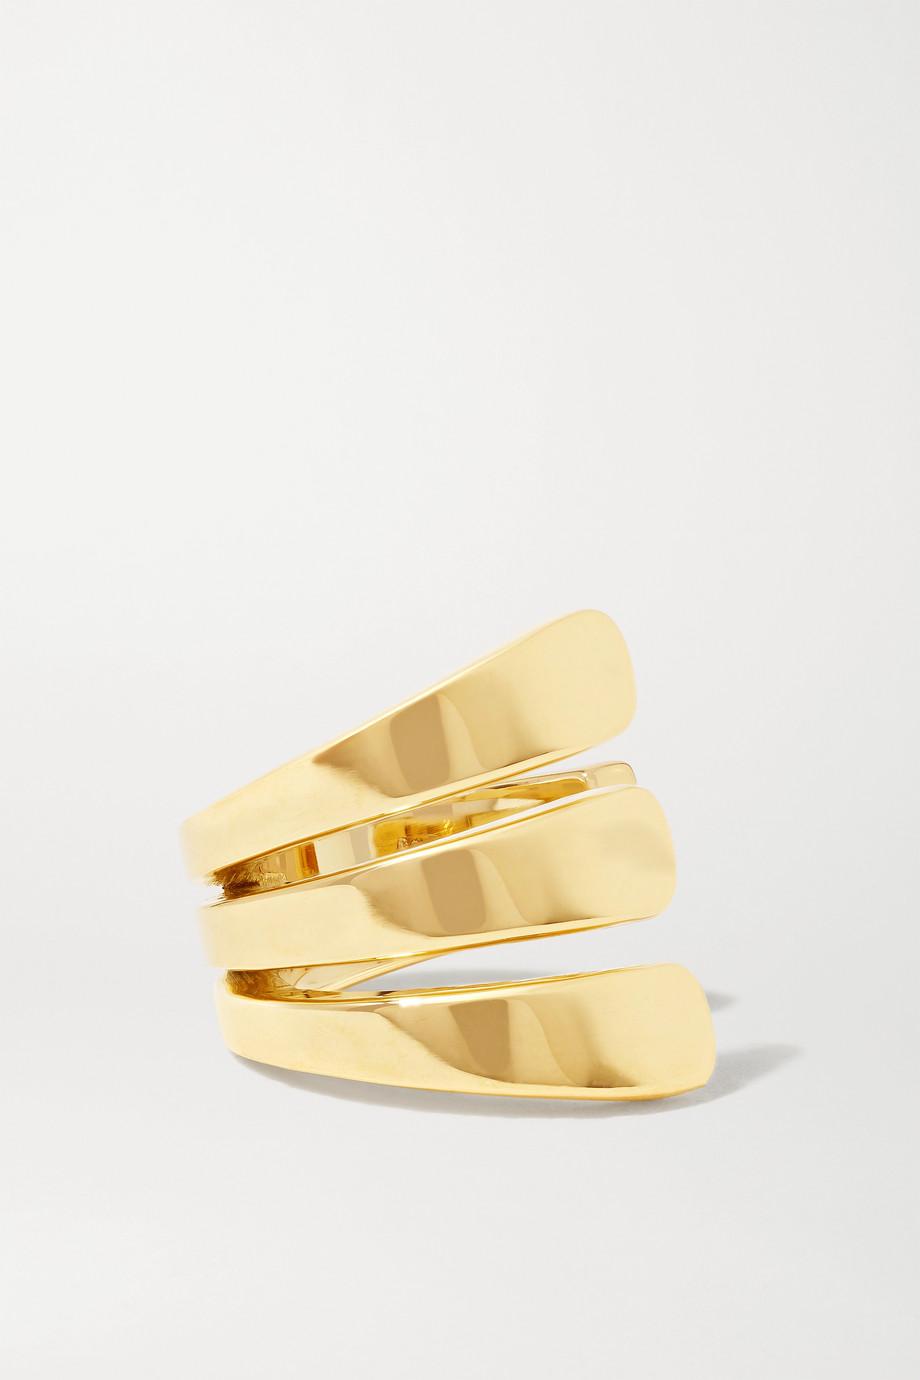 Melissa Kaye Aria 18-karat gold ear cuff